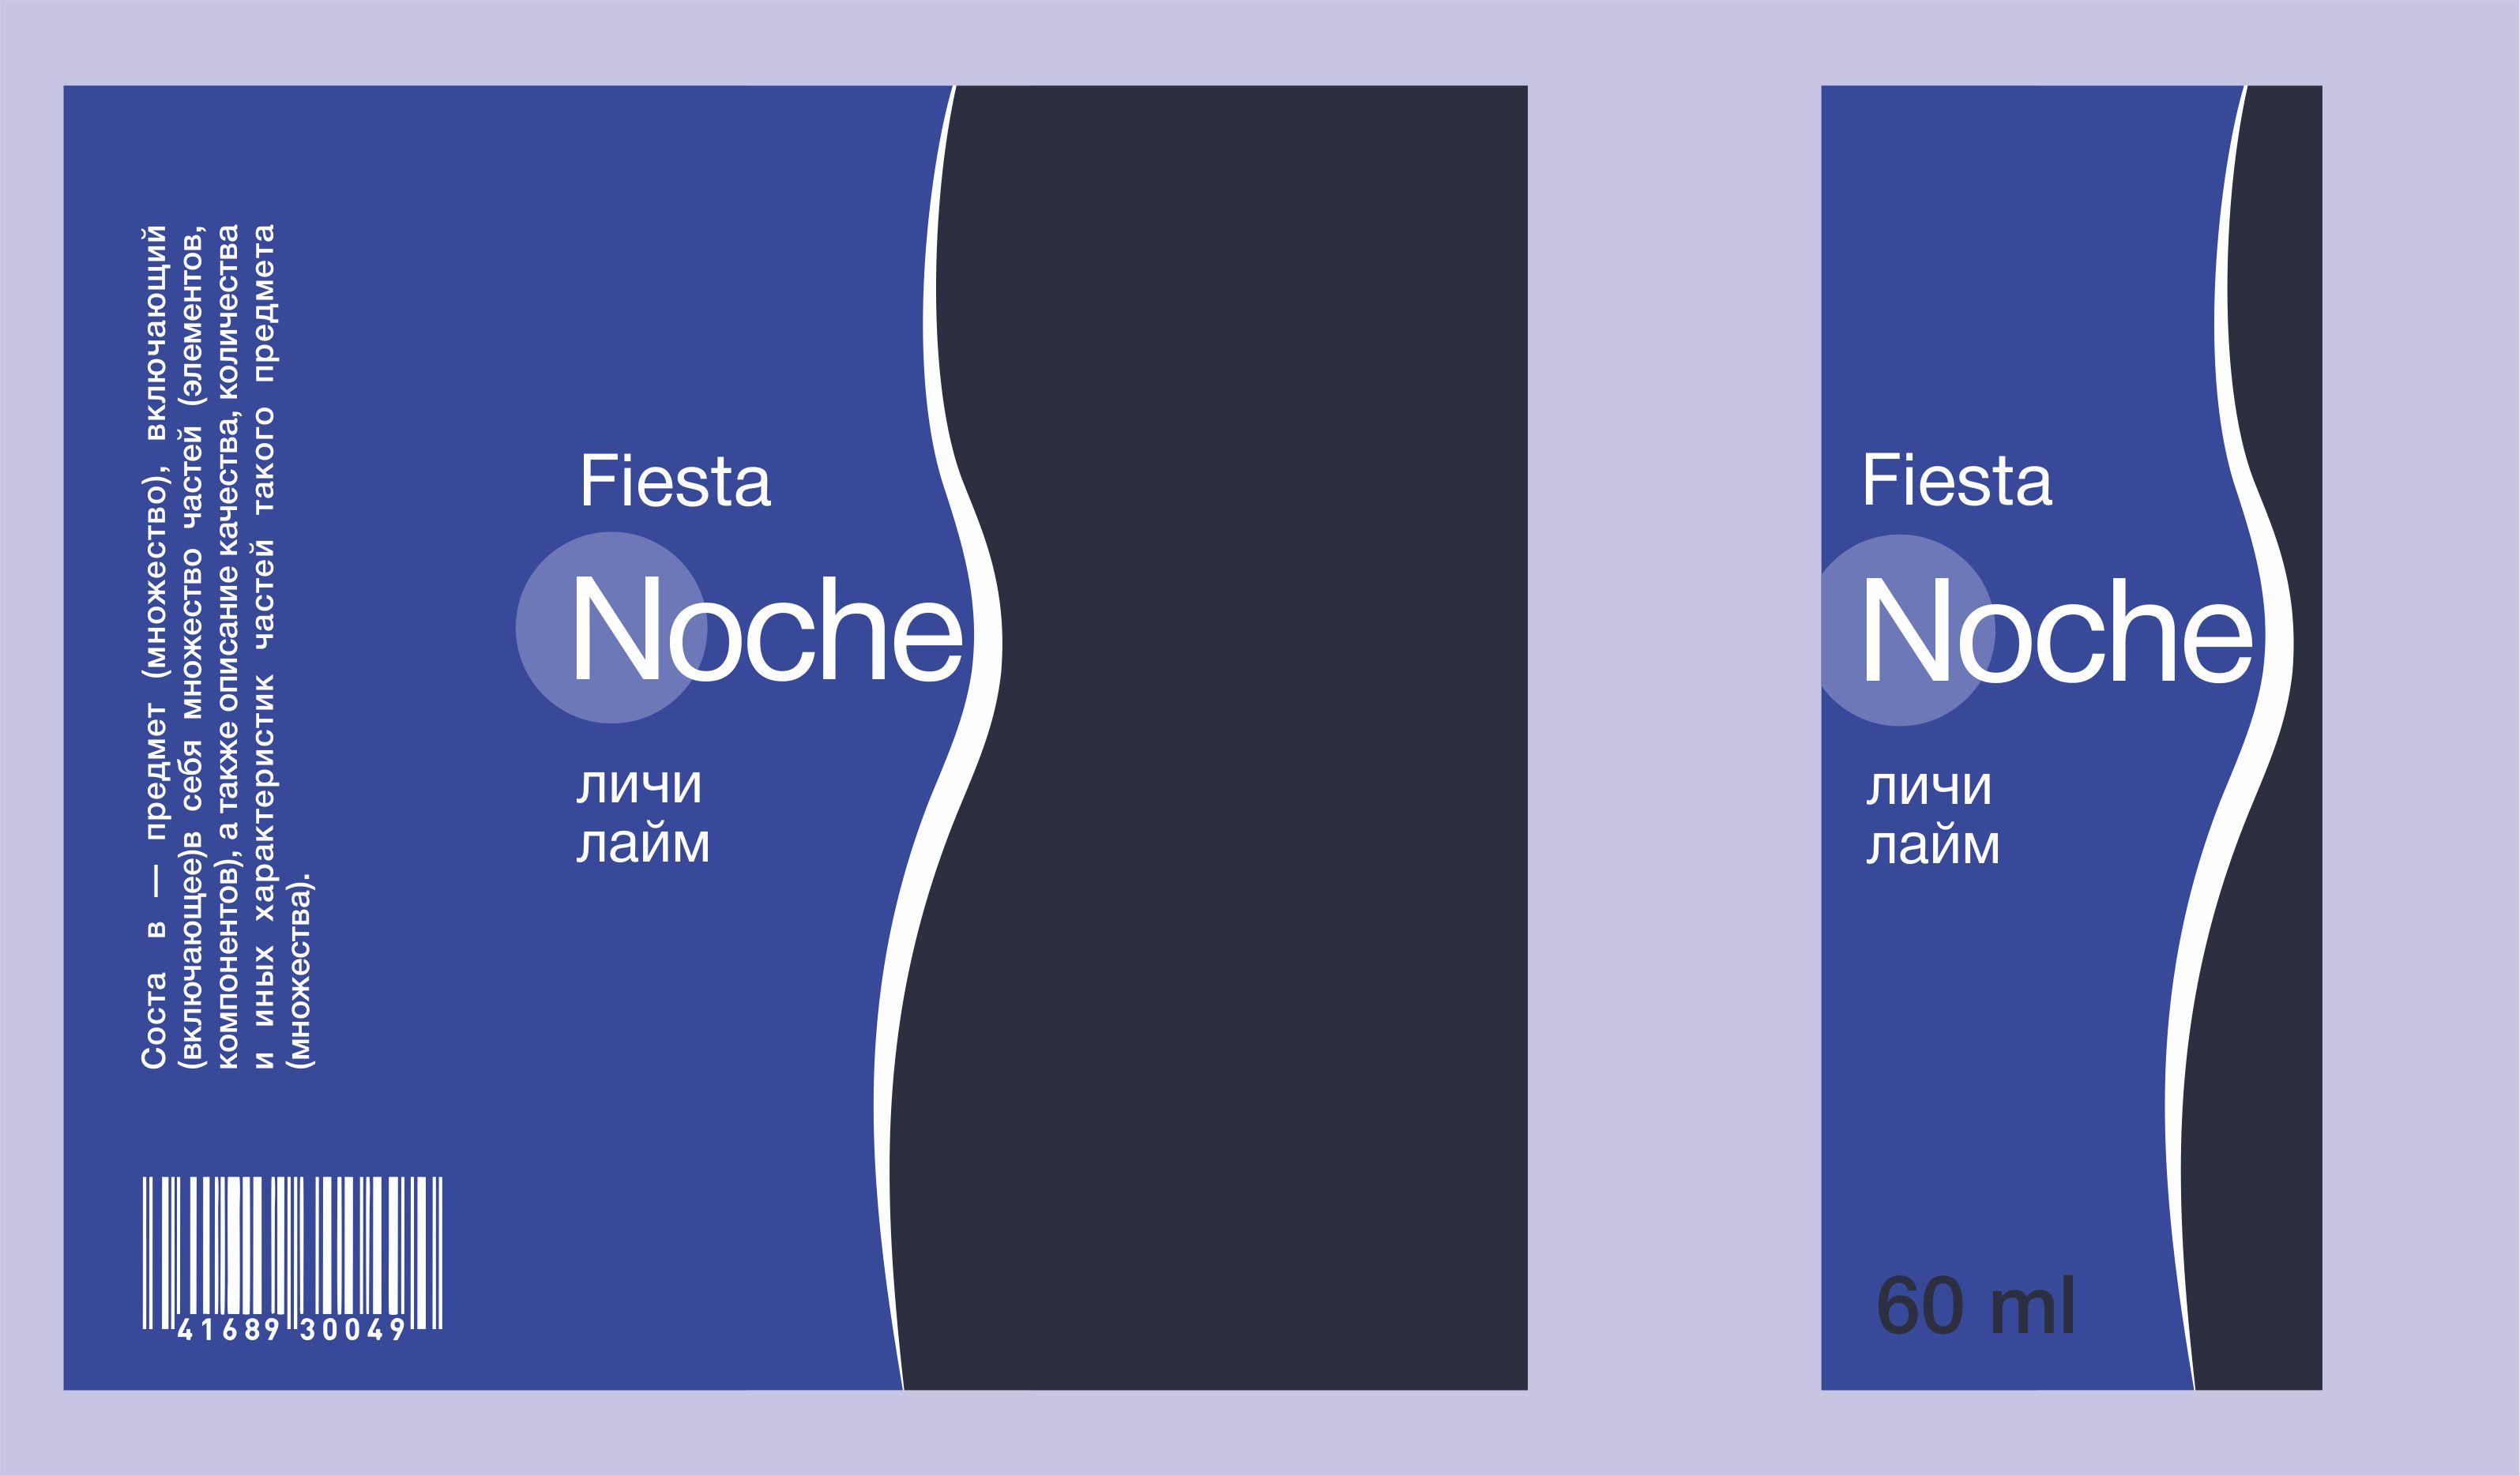 Этикетка для жидкости электронных сигарет  фото f_33258fb277c48ee8.jpg